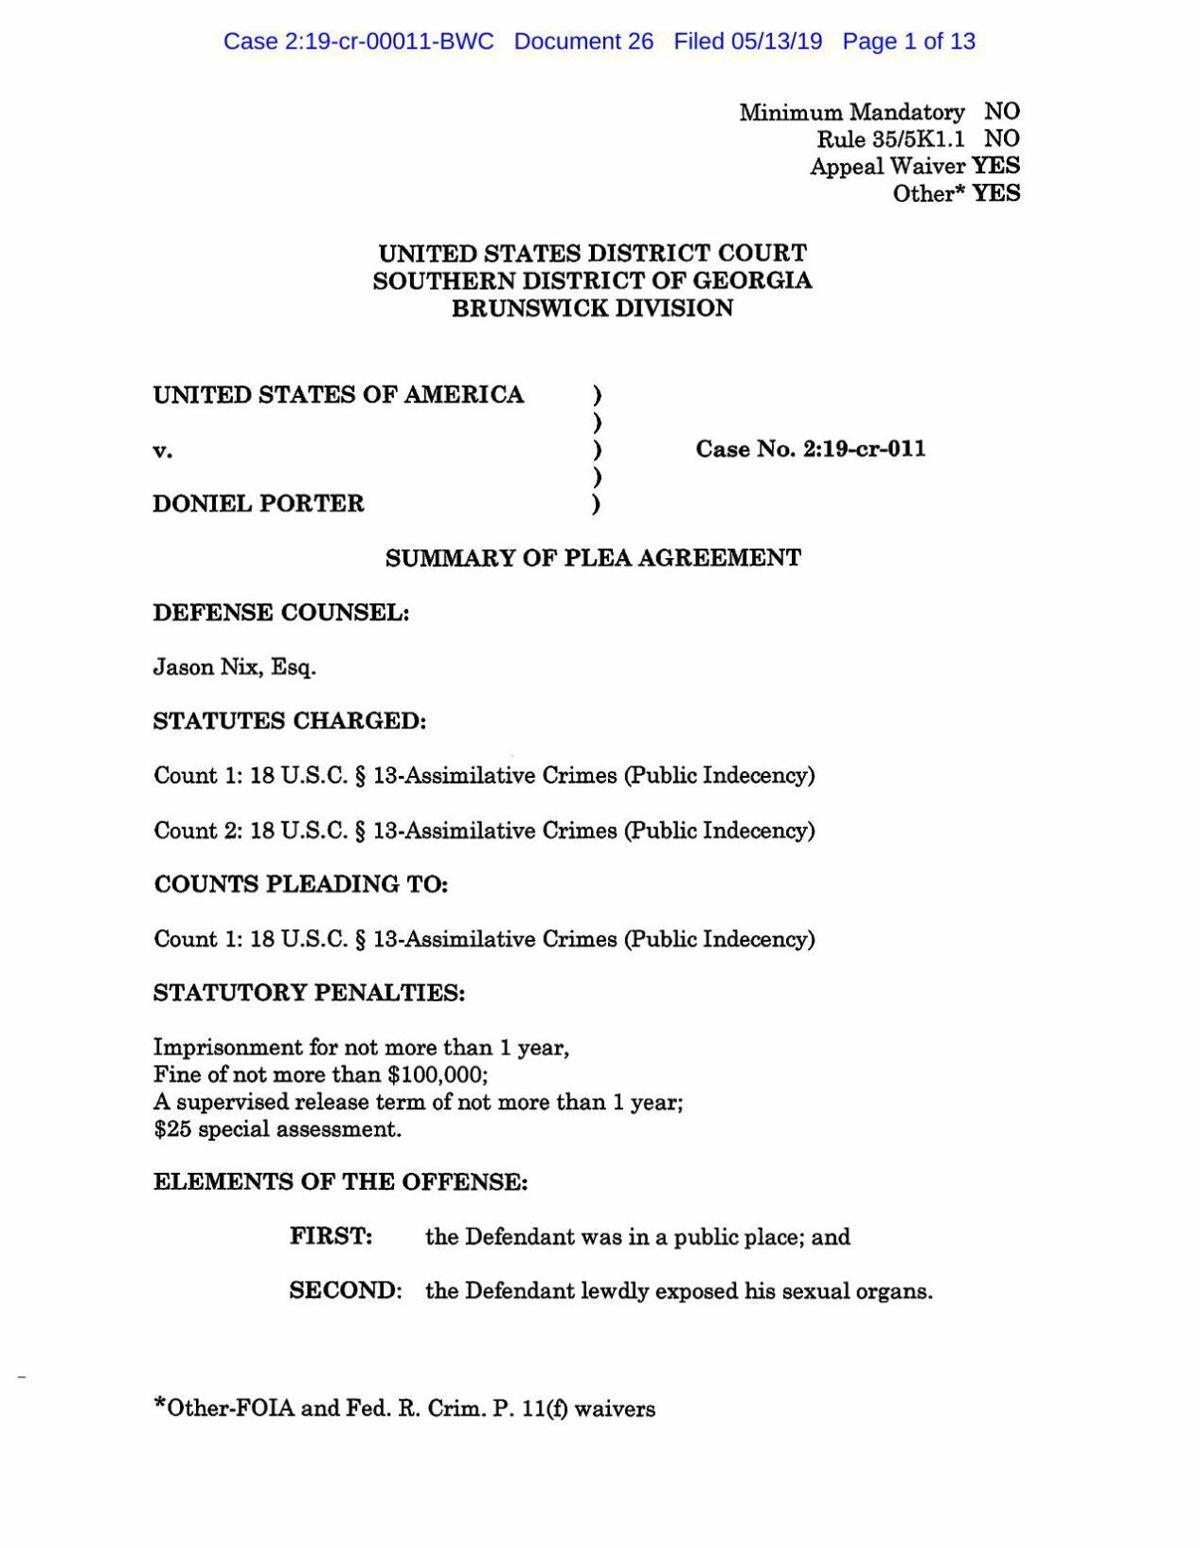 Porter Plea Agreement